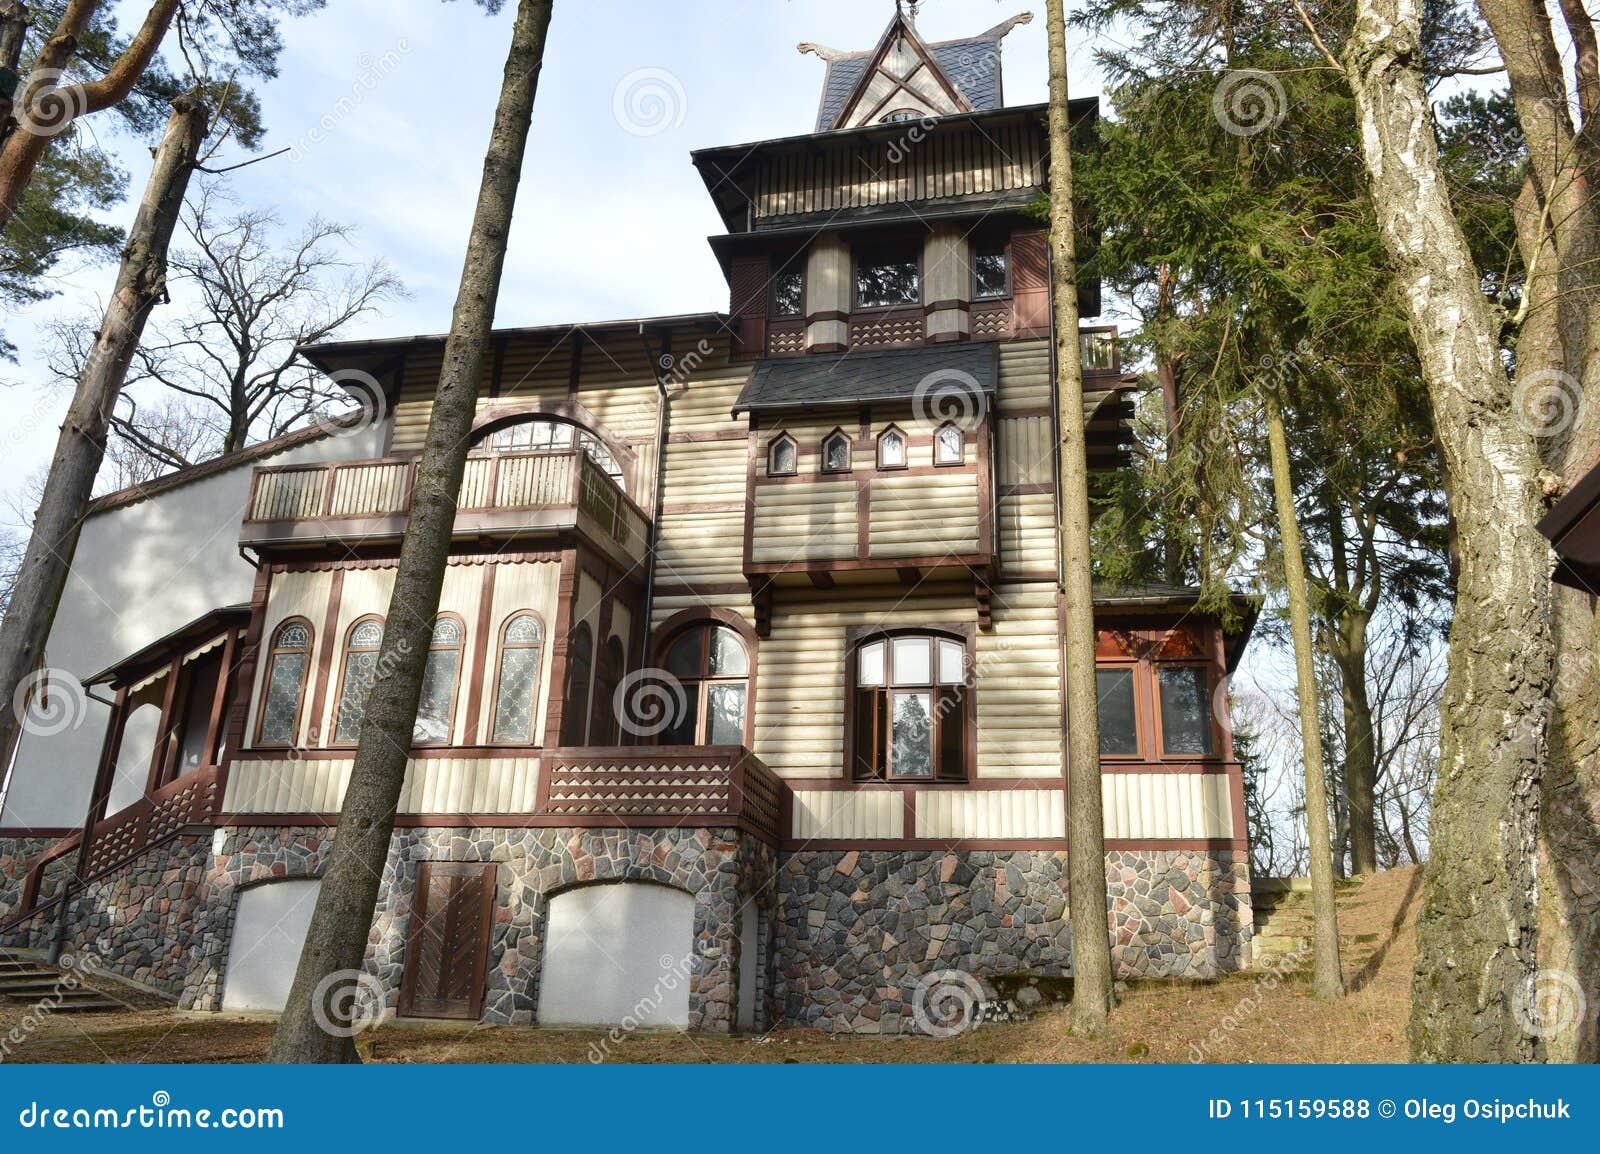 In der Mitte der Stadt ist ein schönes altes Haus